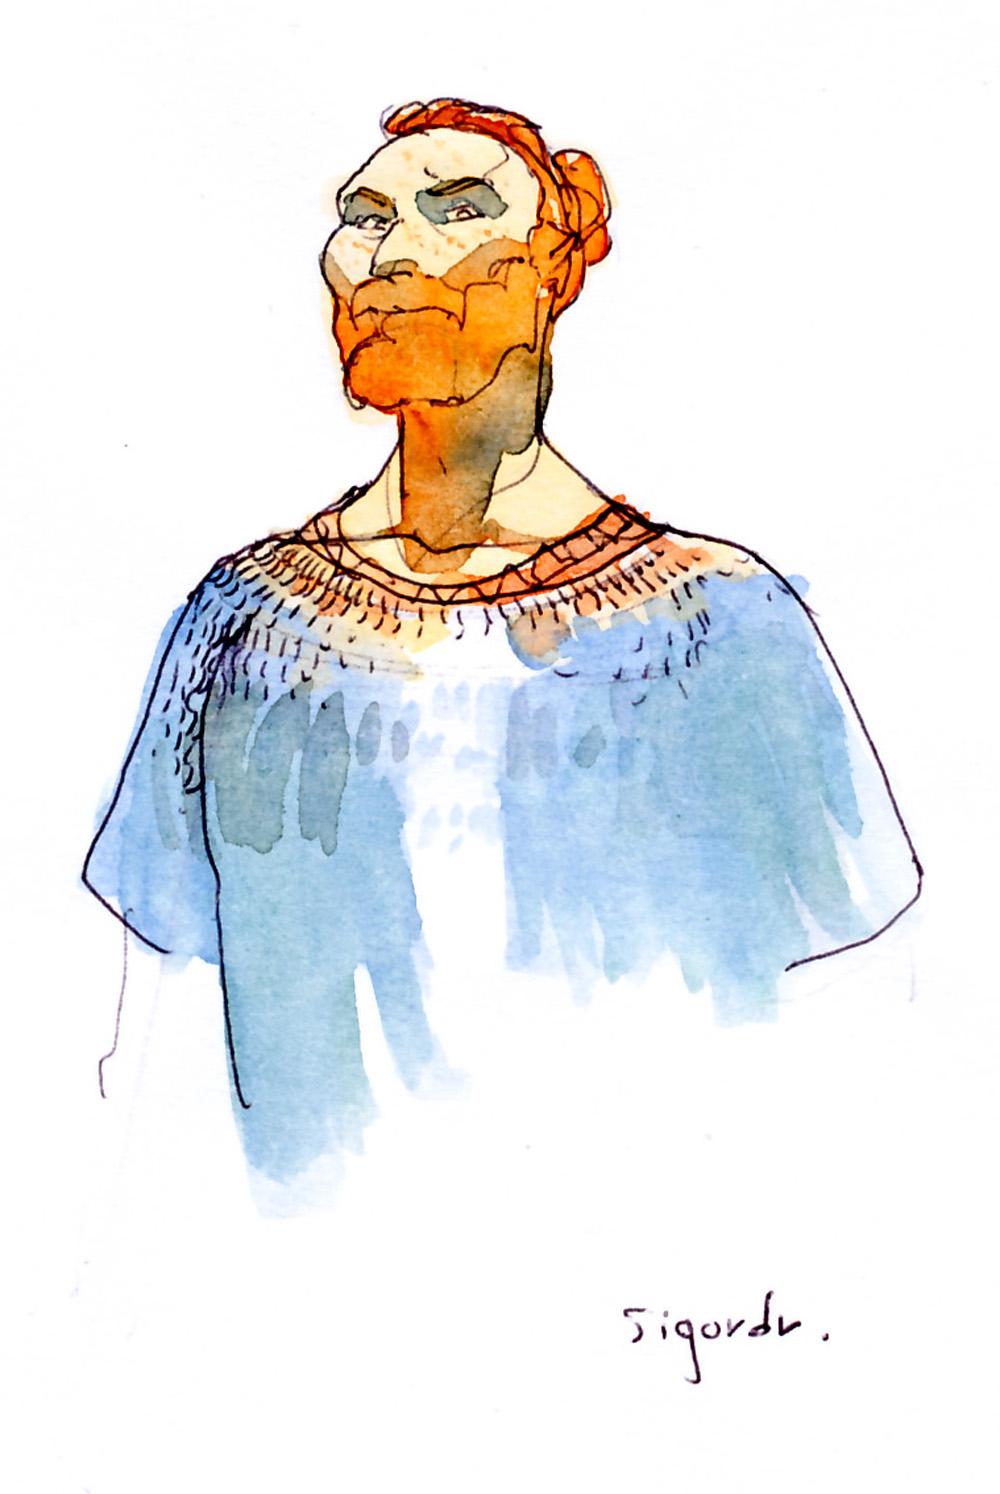 Sigurd & Vigdis, Sigurd © Benoît Blary